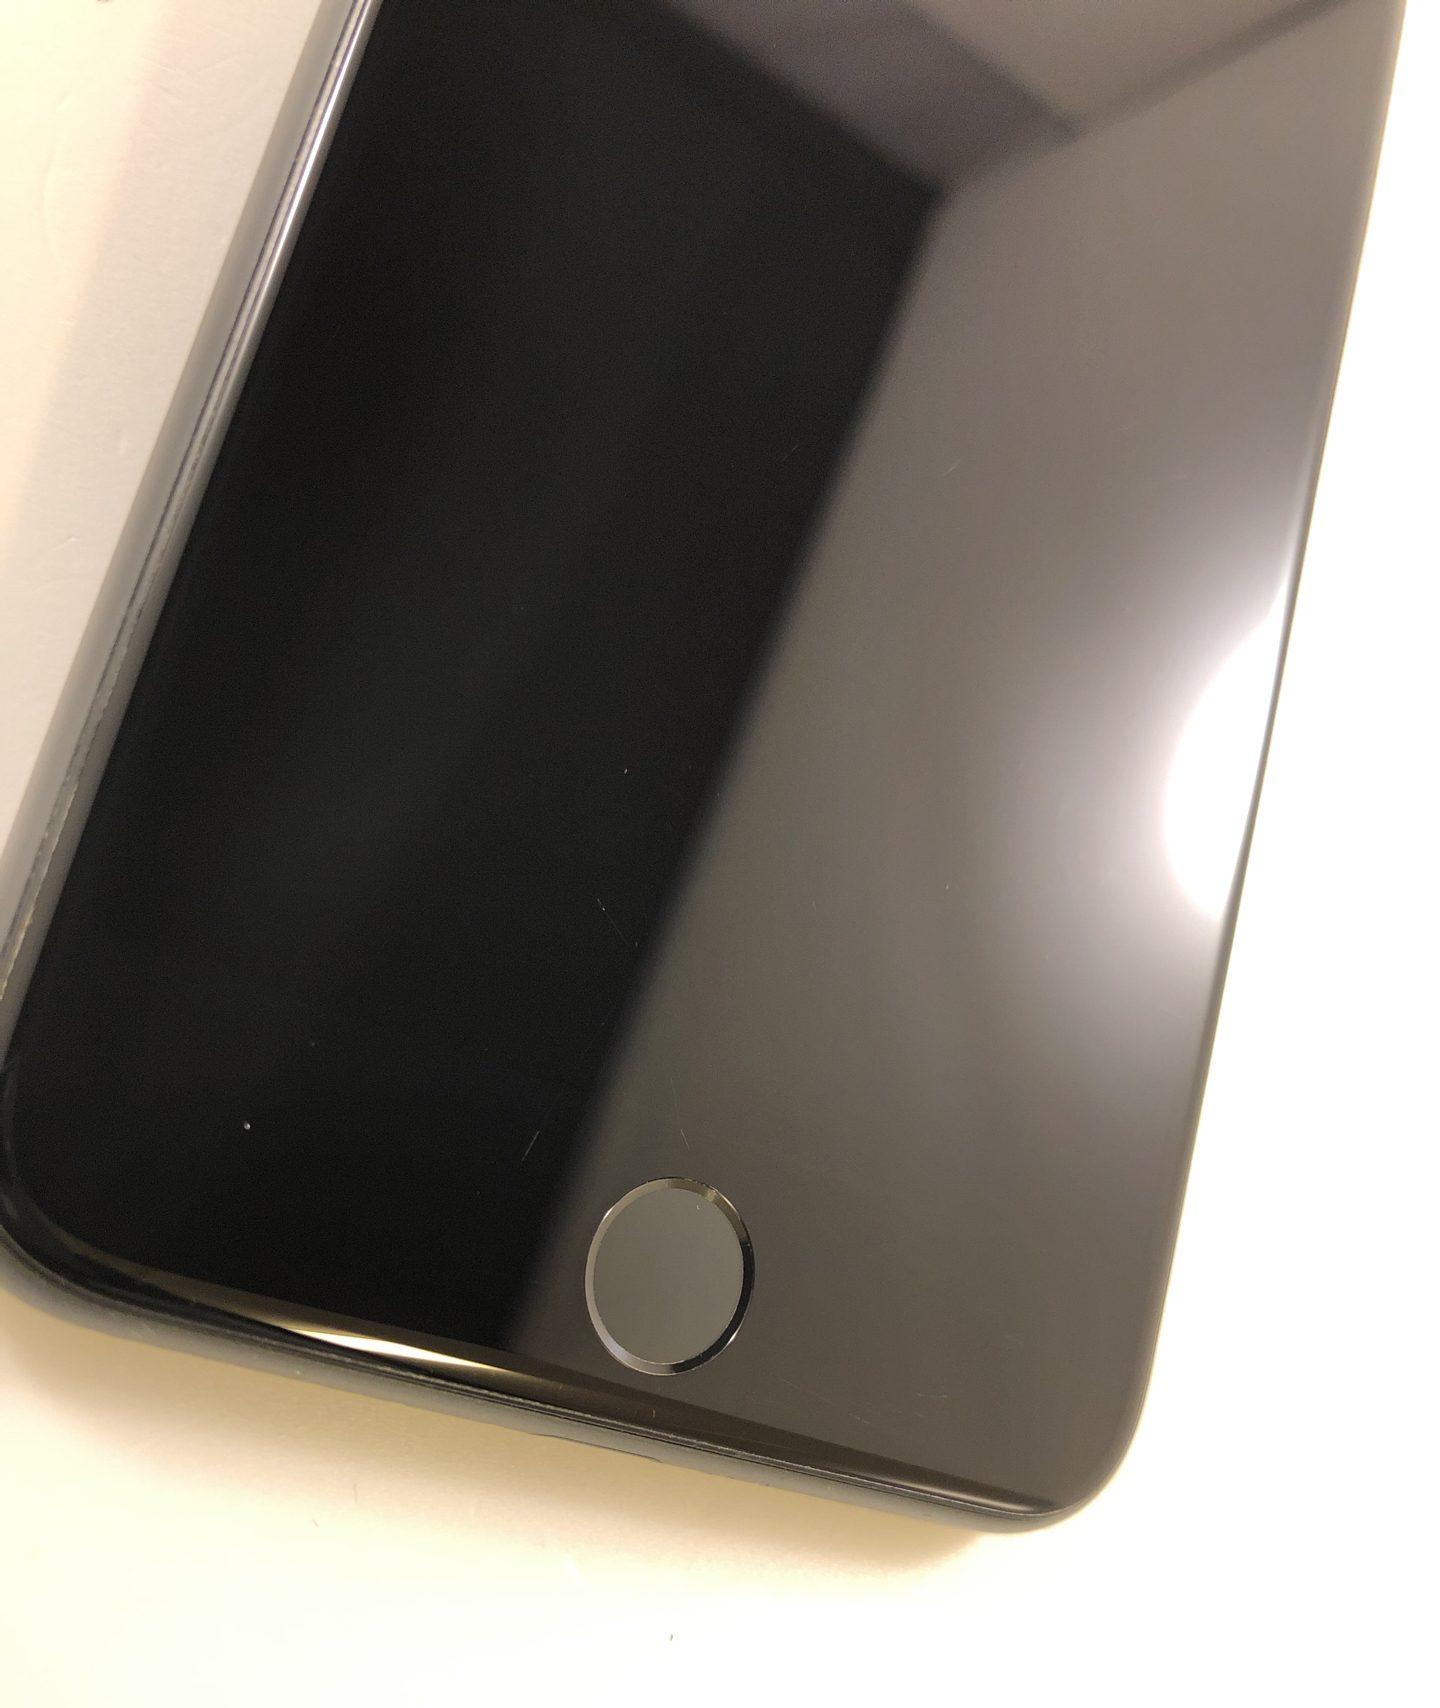 iPhone 8 Plus 64GB, 64GB, Space Gray, imagen 3